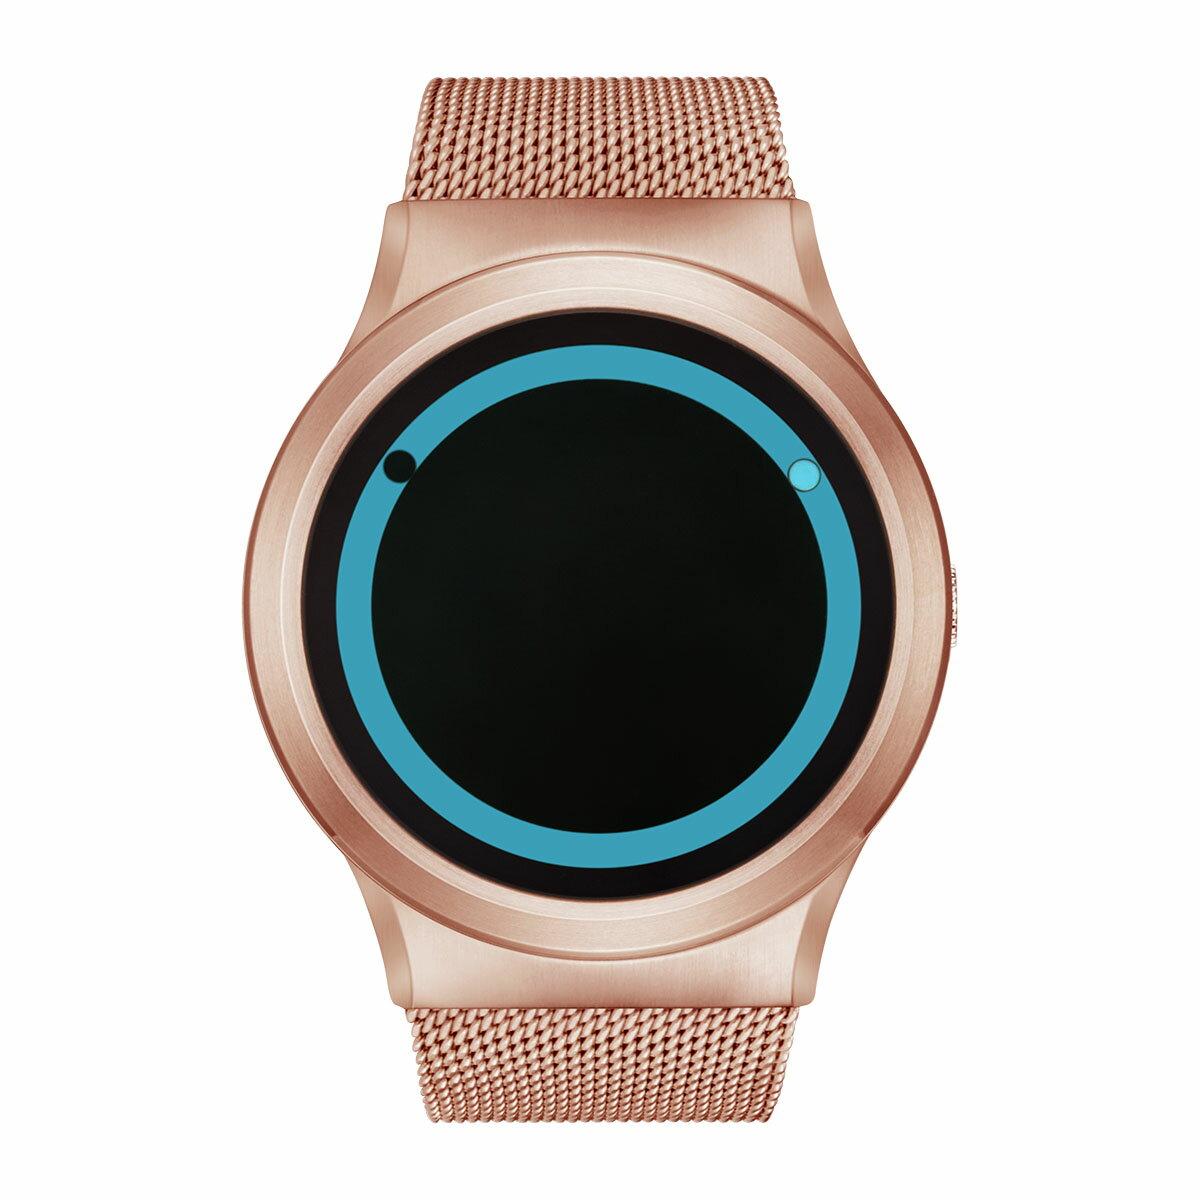 ZEROO PLANET ECLIPSE ゼロ 電池式クォーツ 腕時計 [W13027B05SM05] ブルー デザインウォッチ ペア用 メンズ レディース ユニセックス おしゃれ時計 デザイナーズ